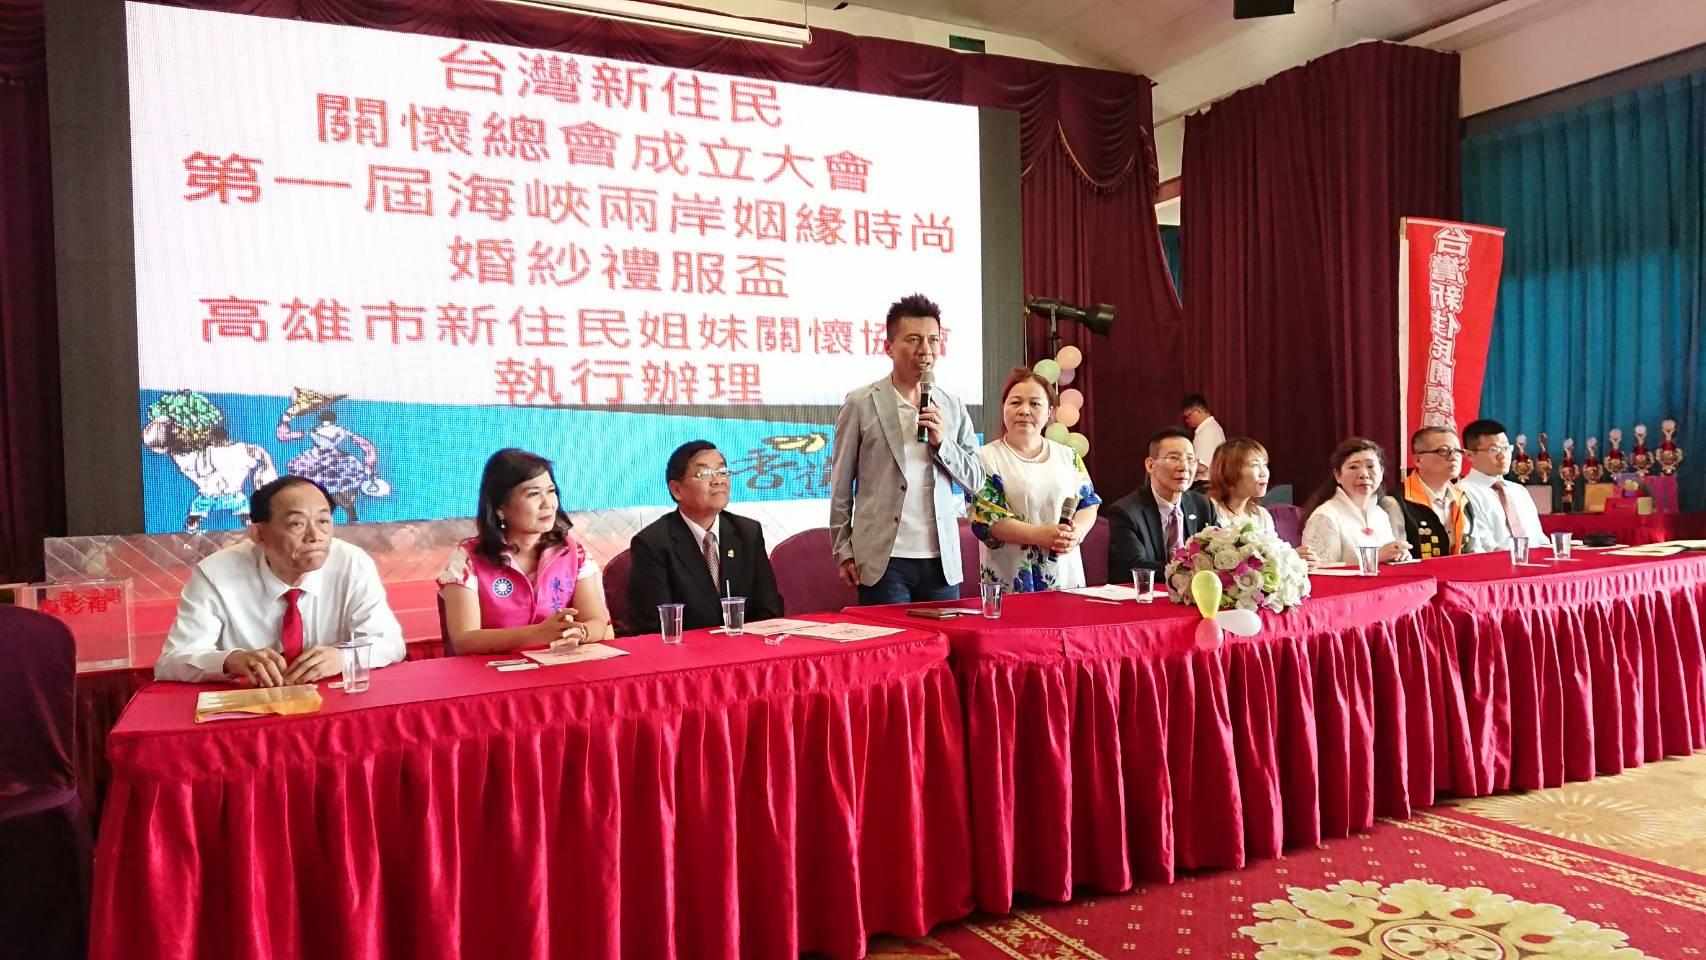 台灣新住民關懷總會成立大會